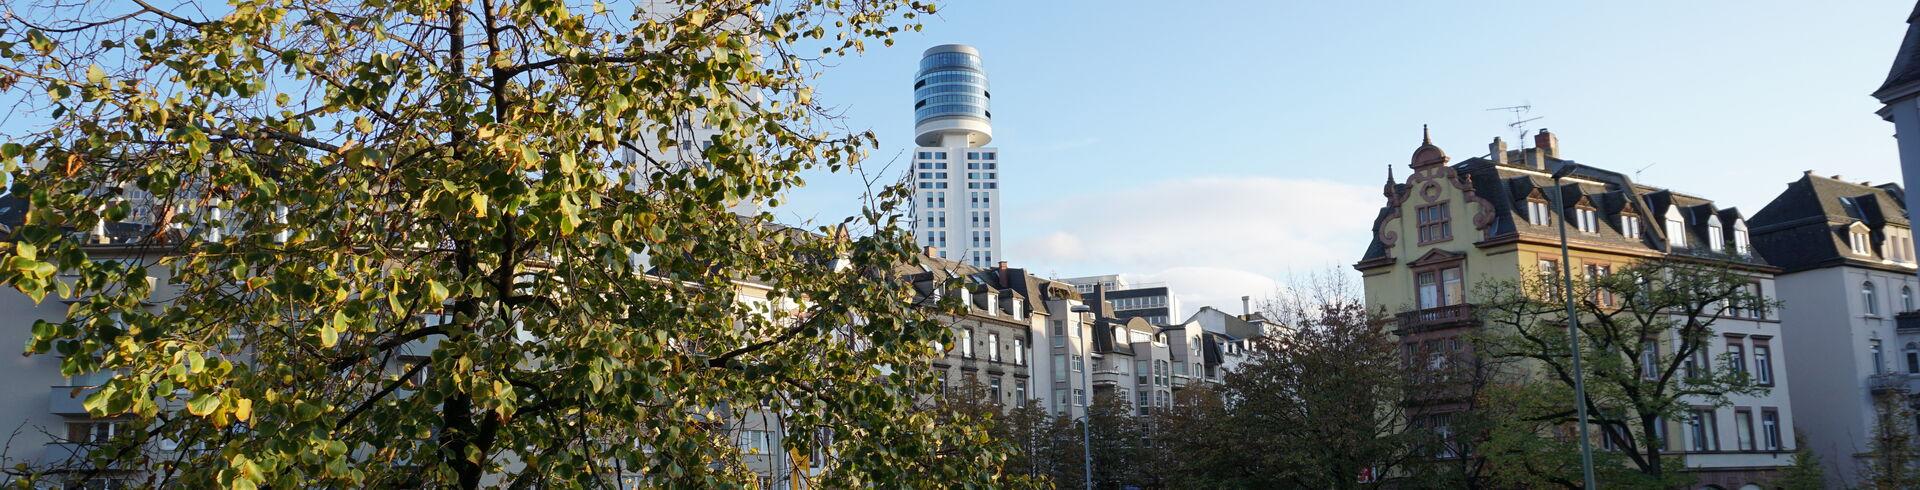 Blick aus der Fachambulanz auf den Henninger Turm Frankfurt